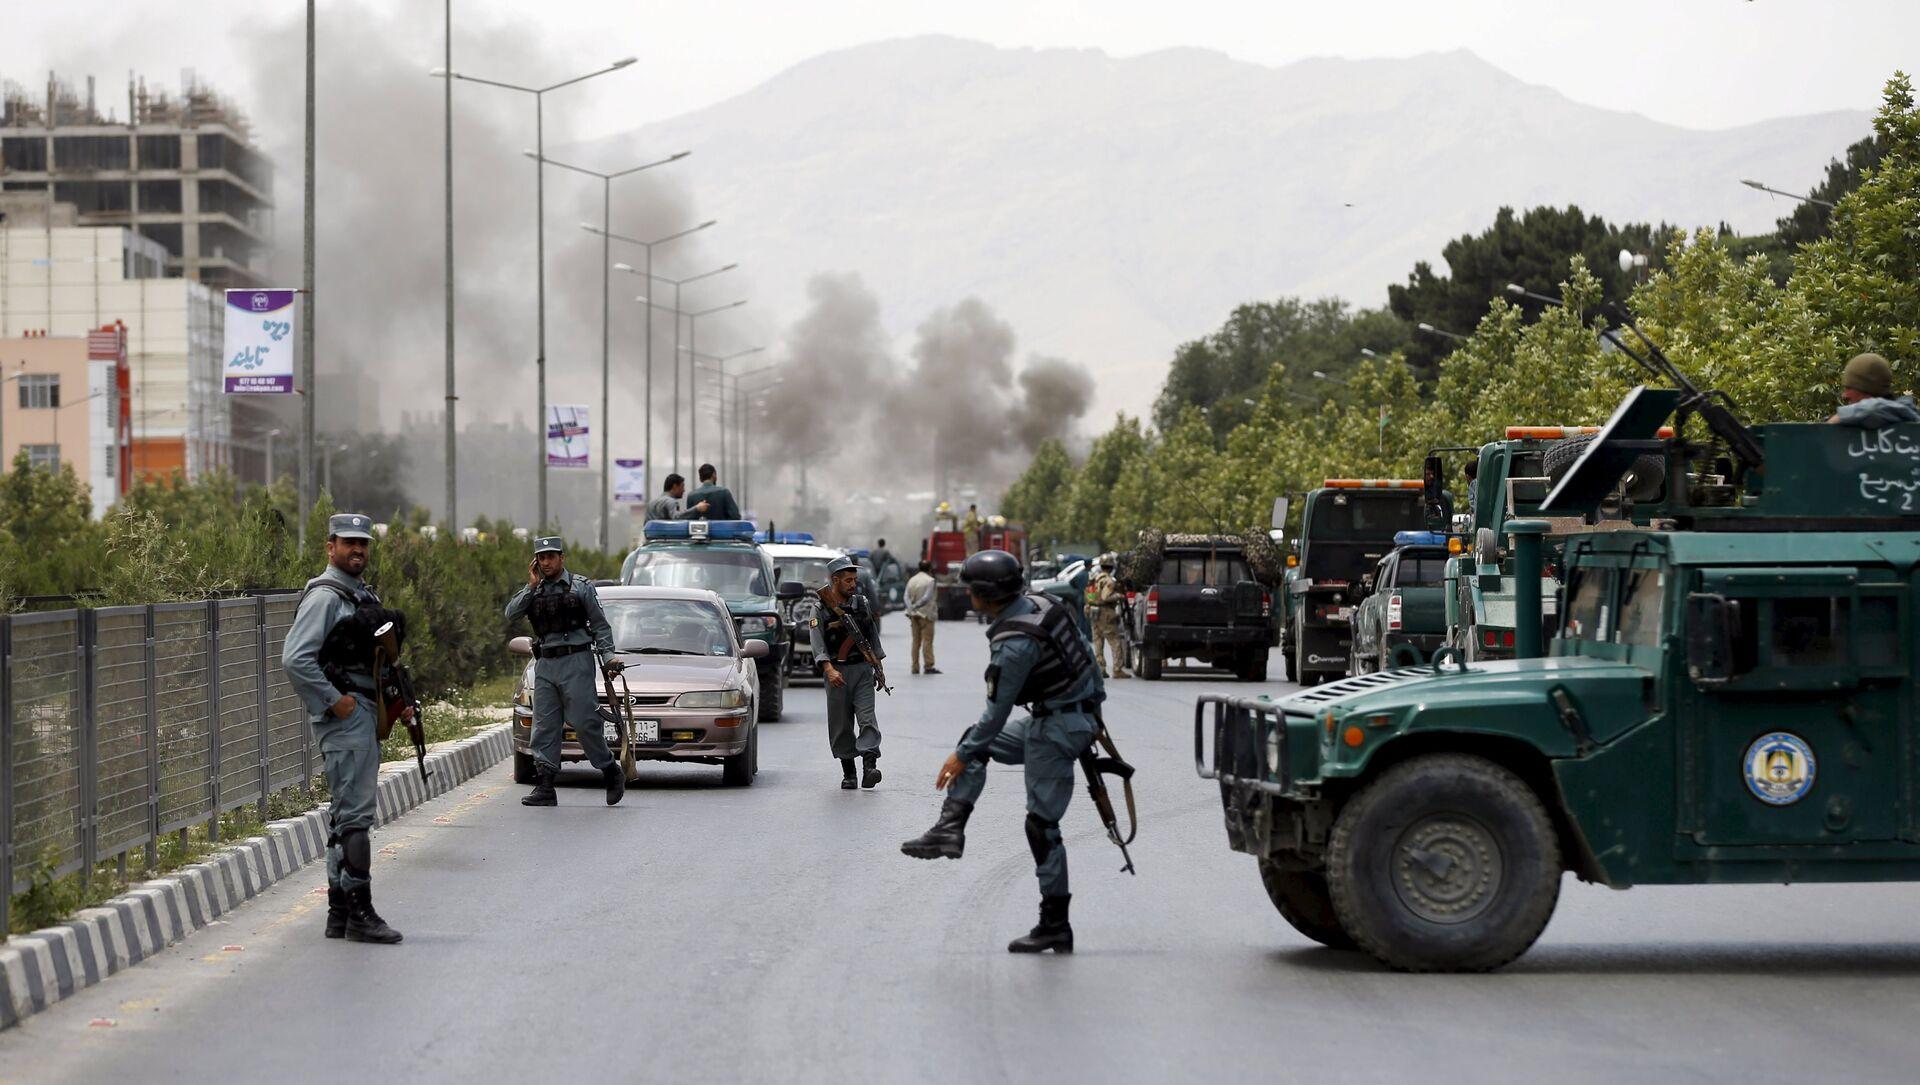 Les forces de sécurité afghanes bloquent le site d'une attaque terroriste à Kaboul - Sputnik France, 1920, 04.08.2021